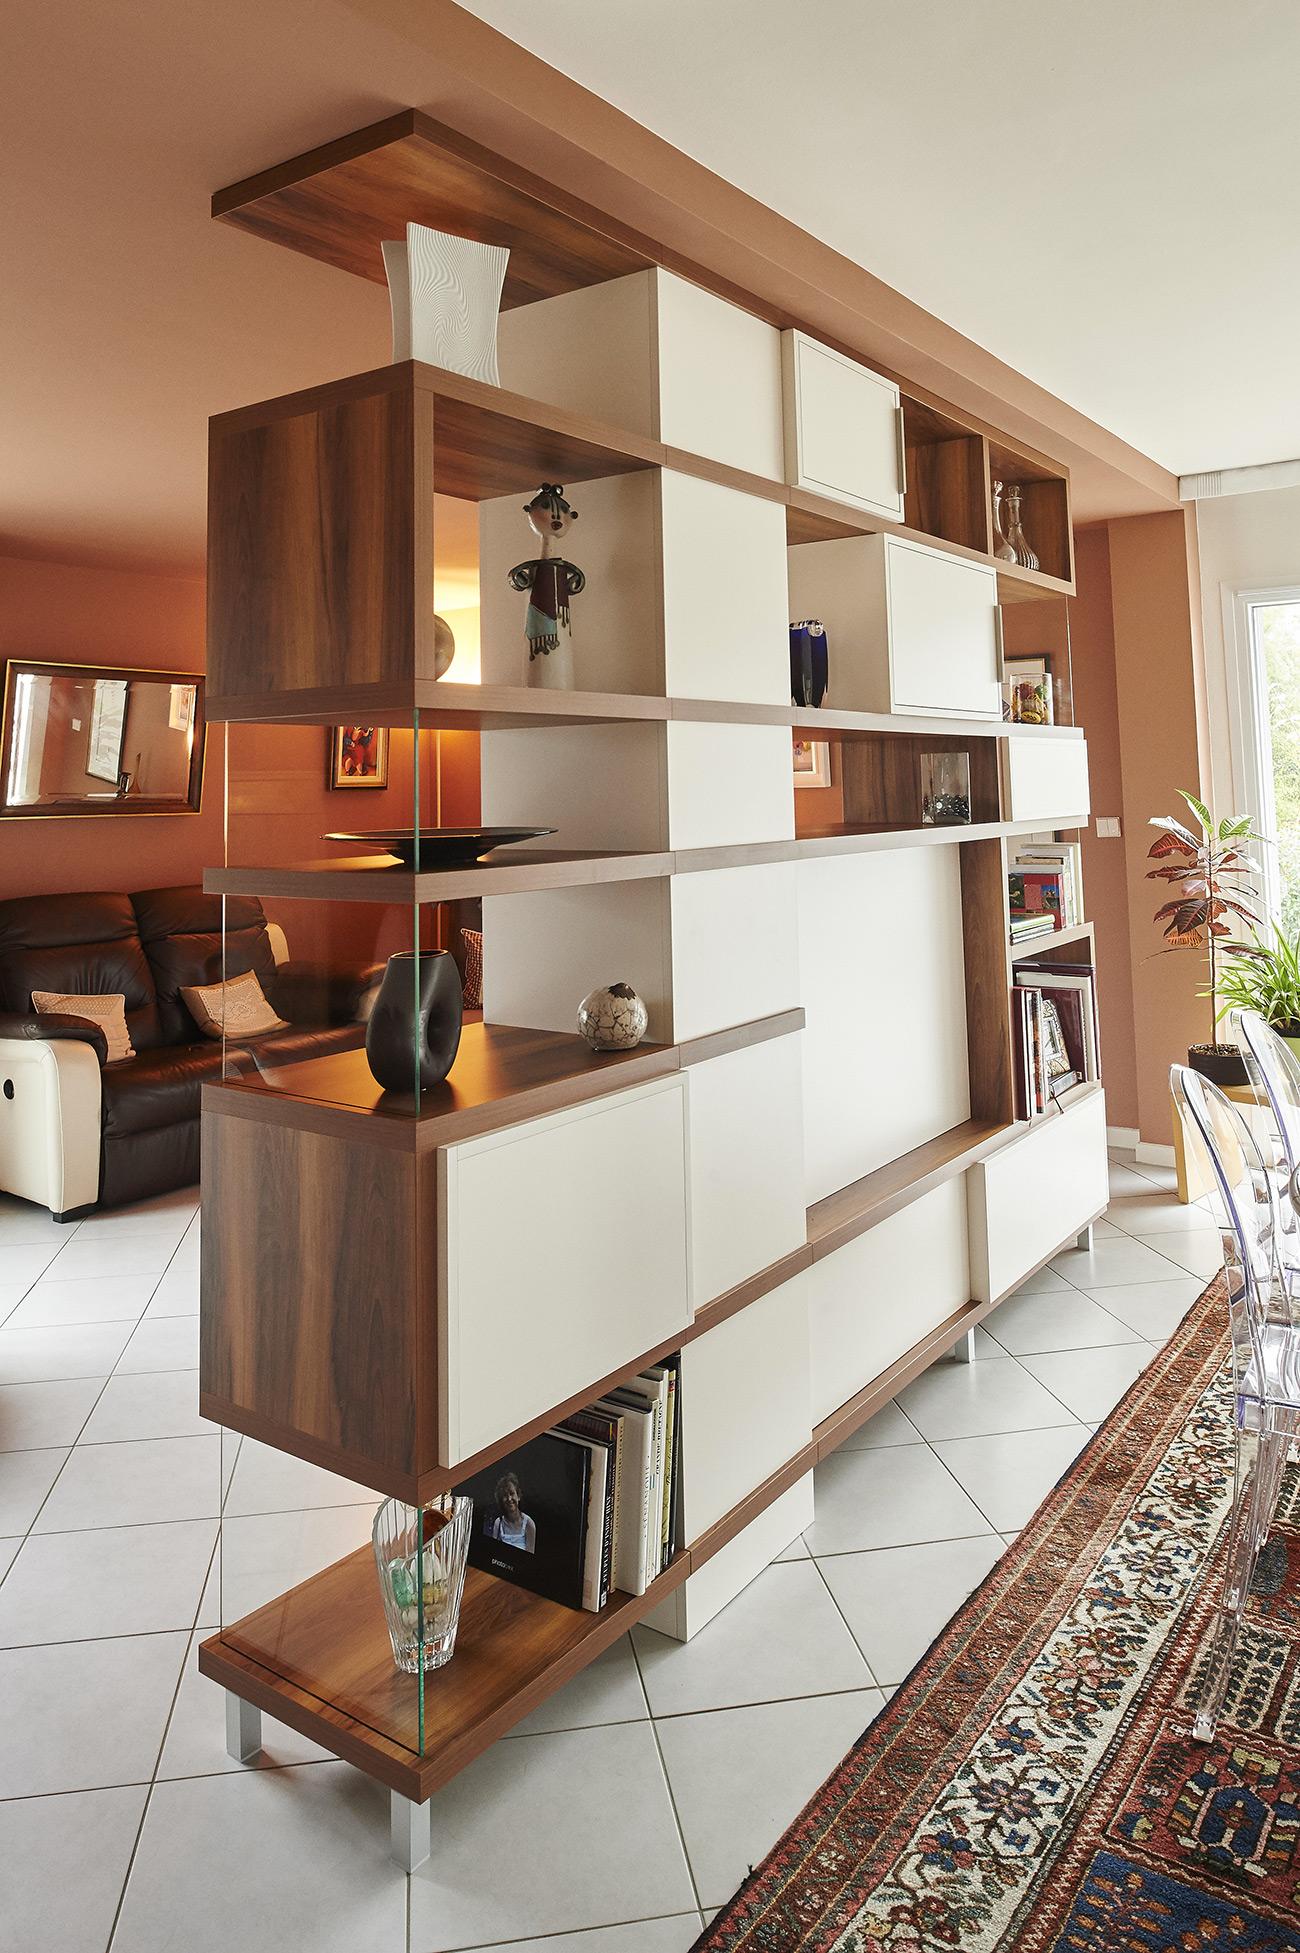 r organisation d 39 un rez de chauss e codes int rieurs. Black Bedroom Furniture Sets. Home Design Ideas